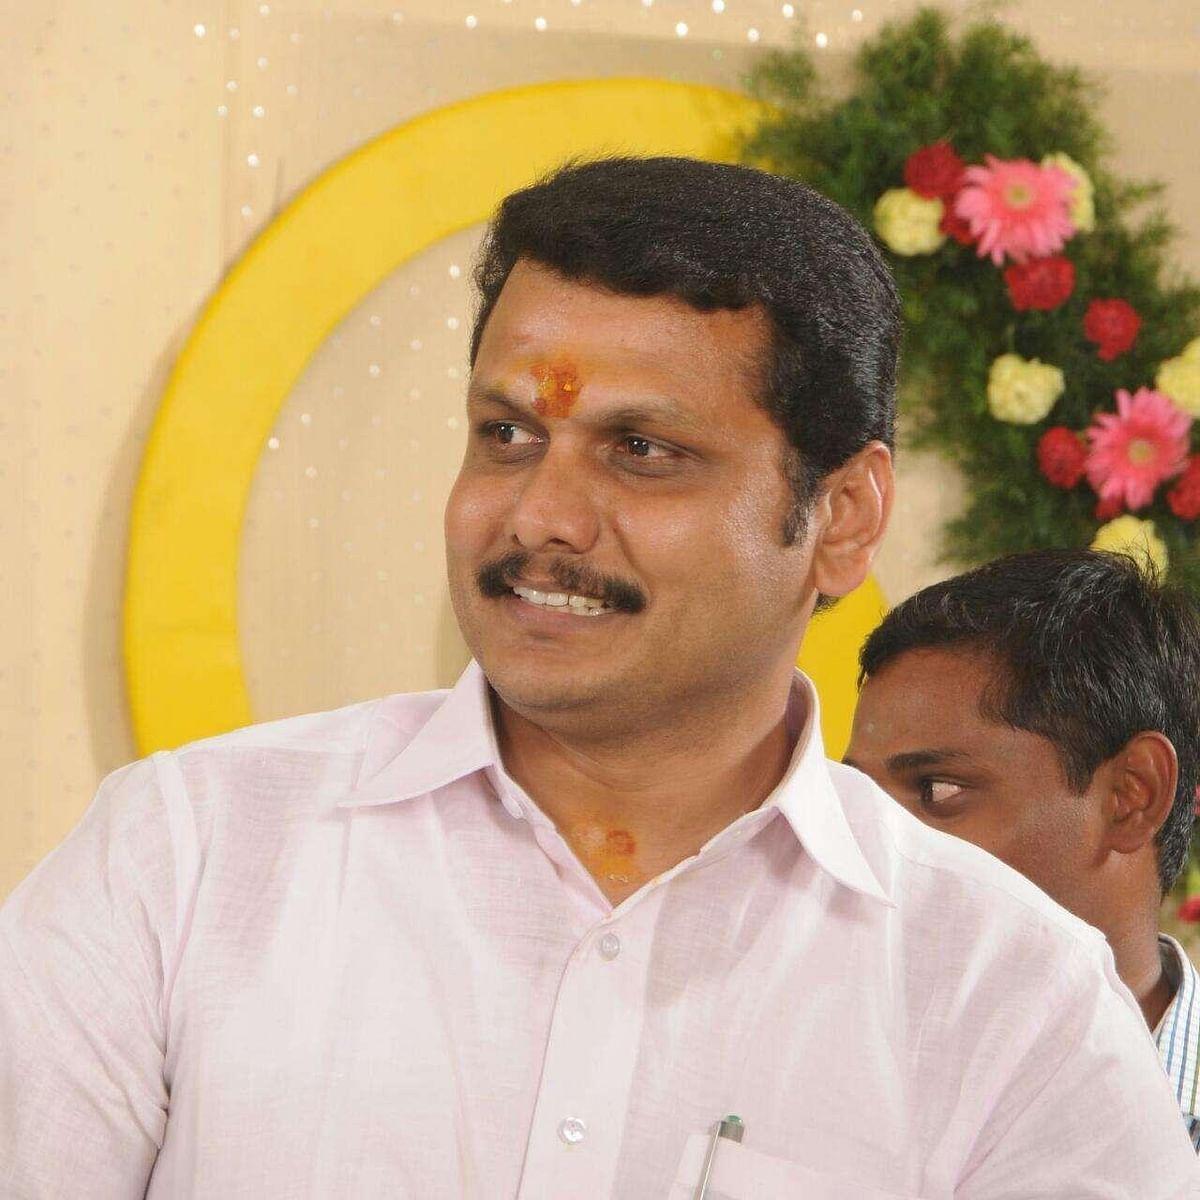 பிறந்தநாள் விழாவை தவிர்த்த முதல்வர் - செந்தில்பாலாஜியை வீழ்த்தமாஸ்டர் பிளான்